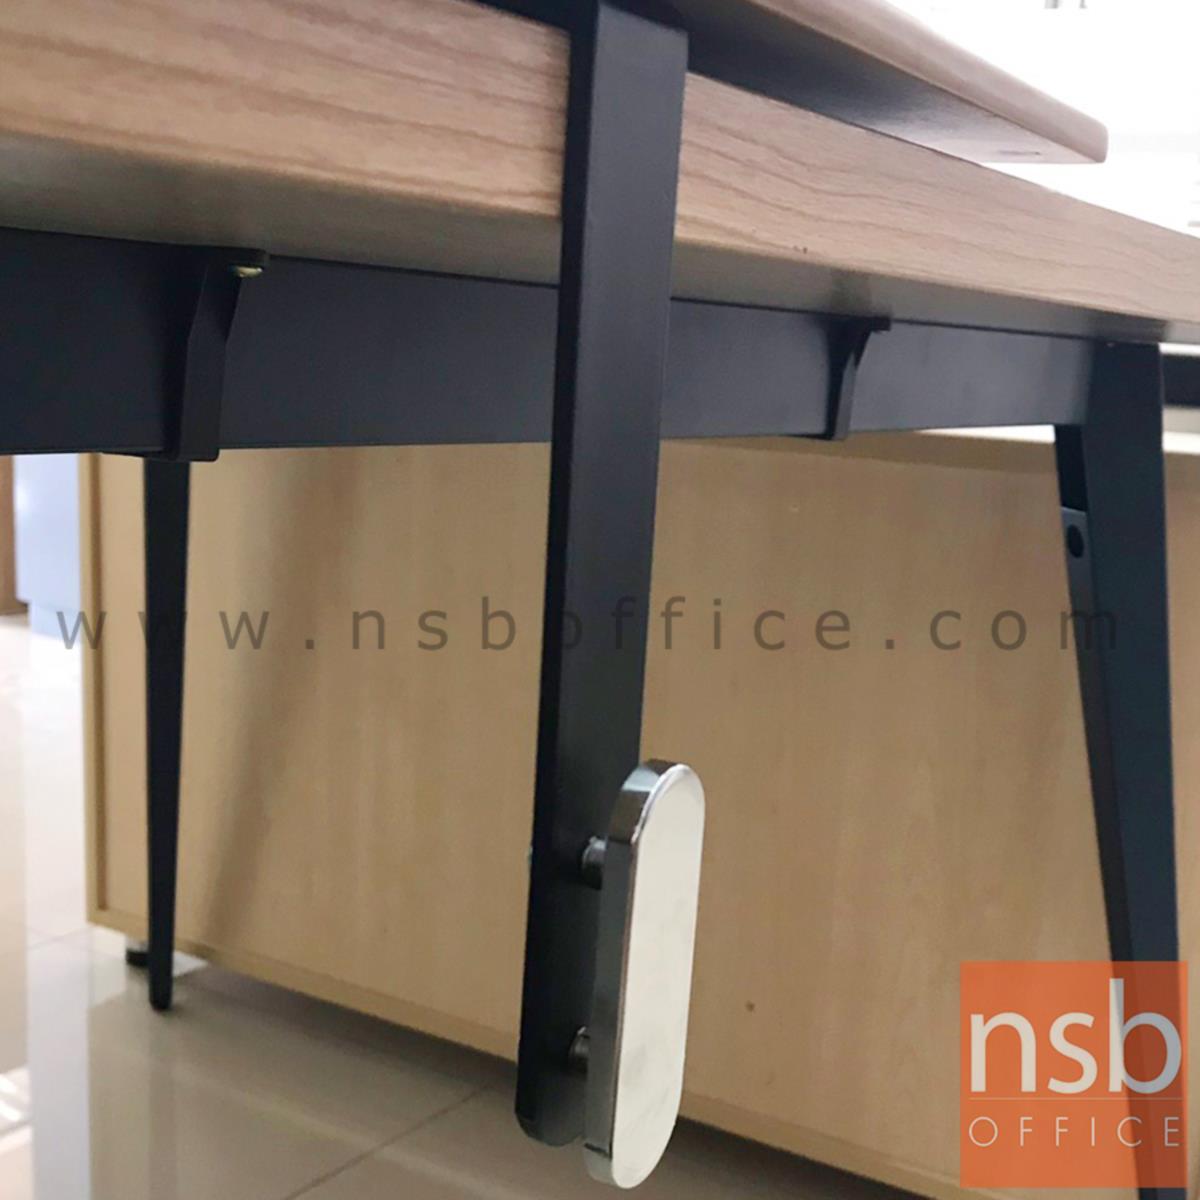 เหล็กฉากติดตั้งแผ่นบังตา รุ่น NSB-SCREEN1 ขนาด 2.4W*17.5H cm.